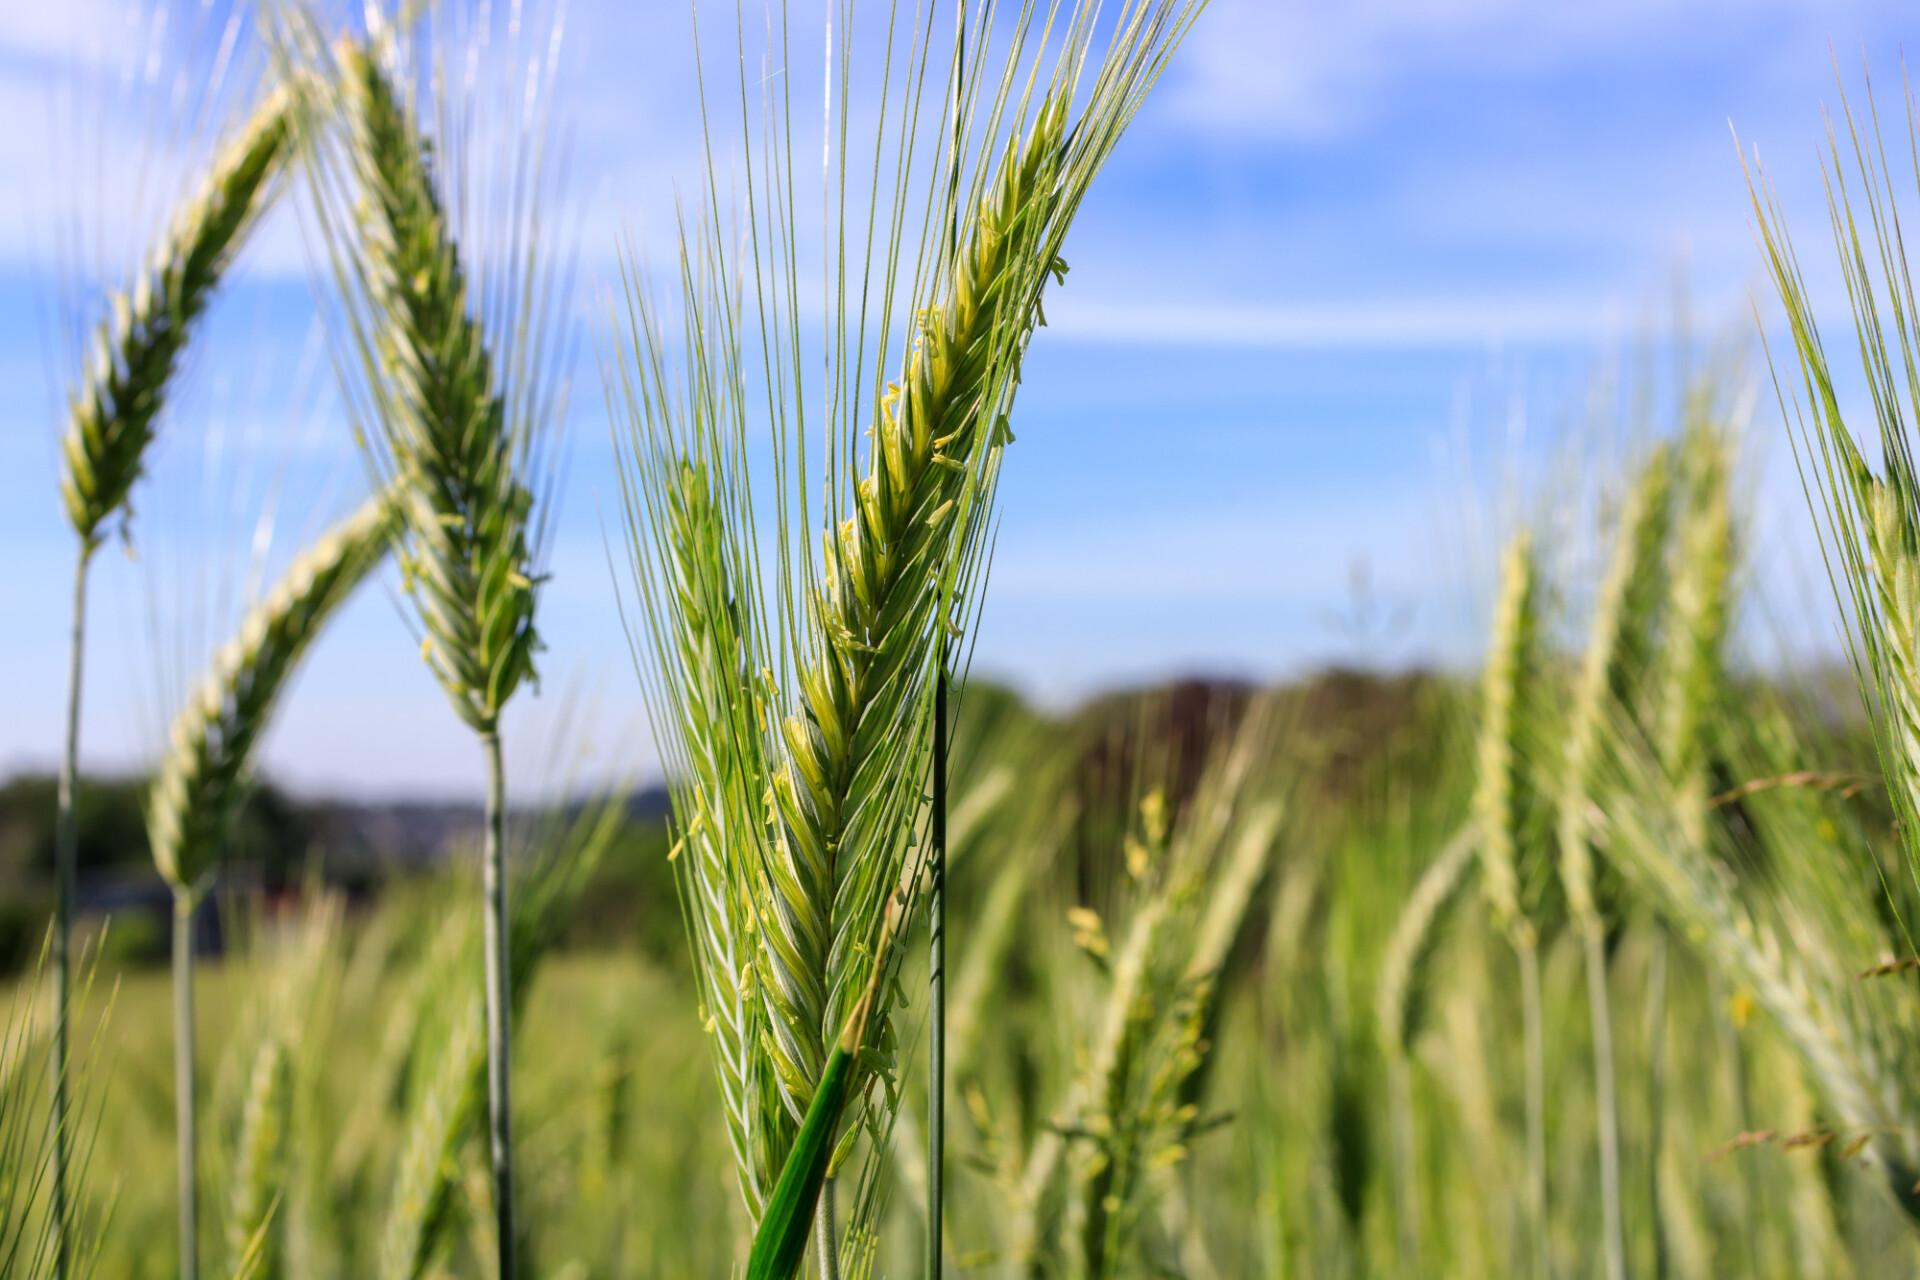 Green rye field in early summer